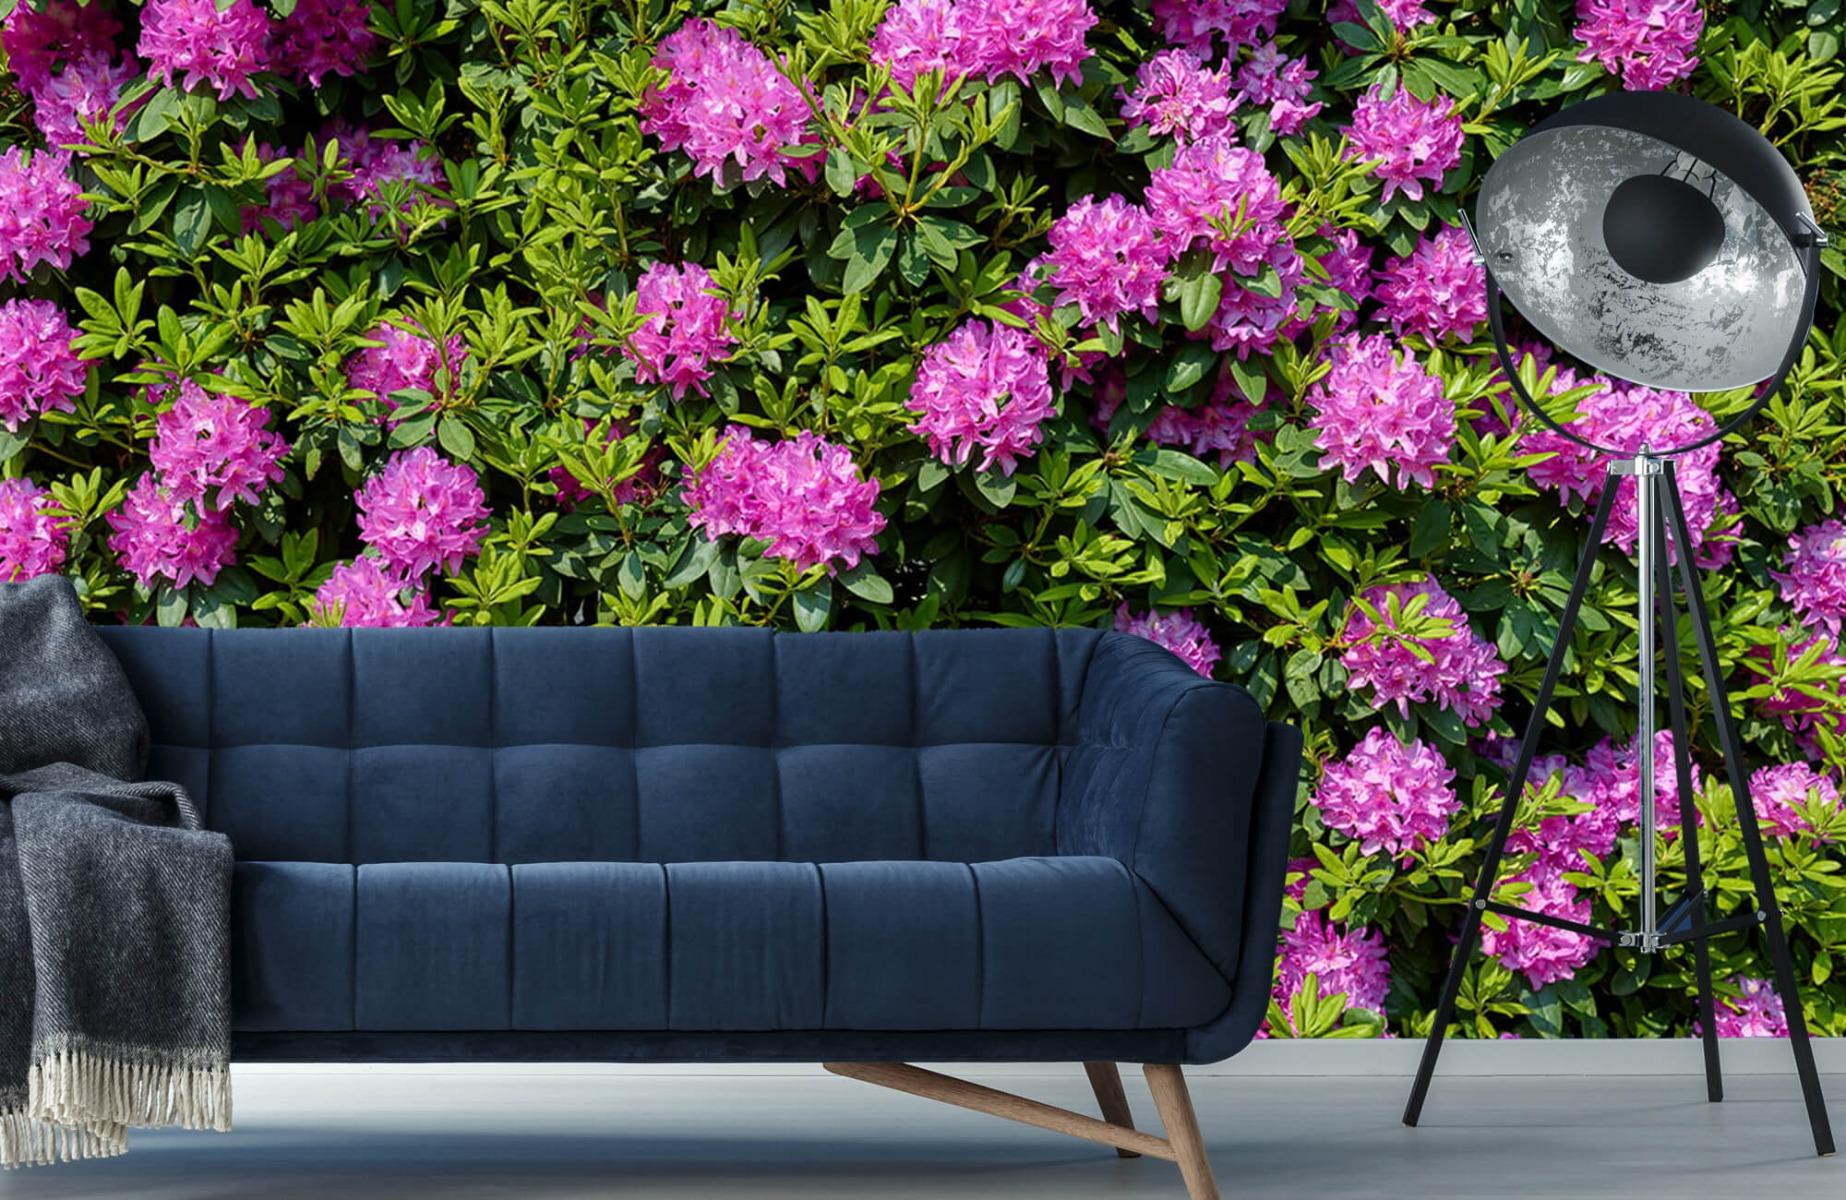 Bloemenvelden - Grote muur van rododendrons - Wallexclusive - Woonkamer 11